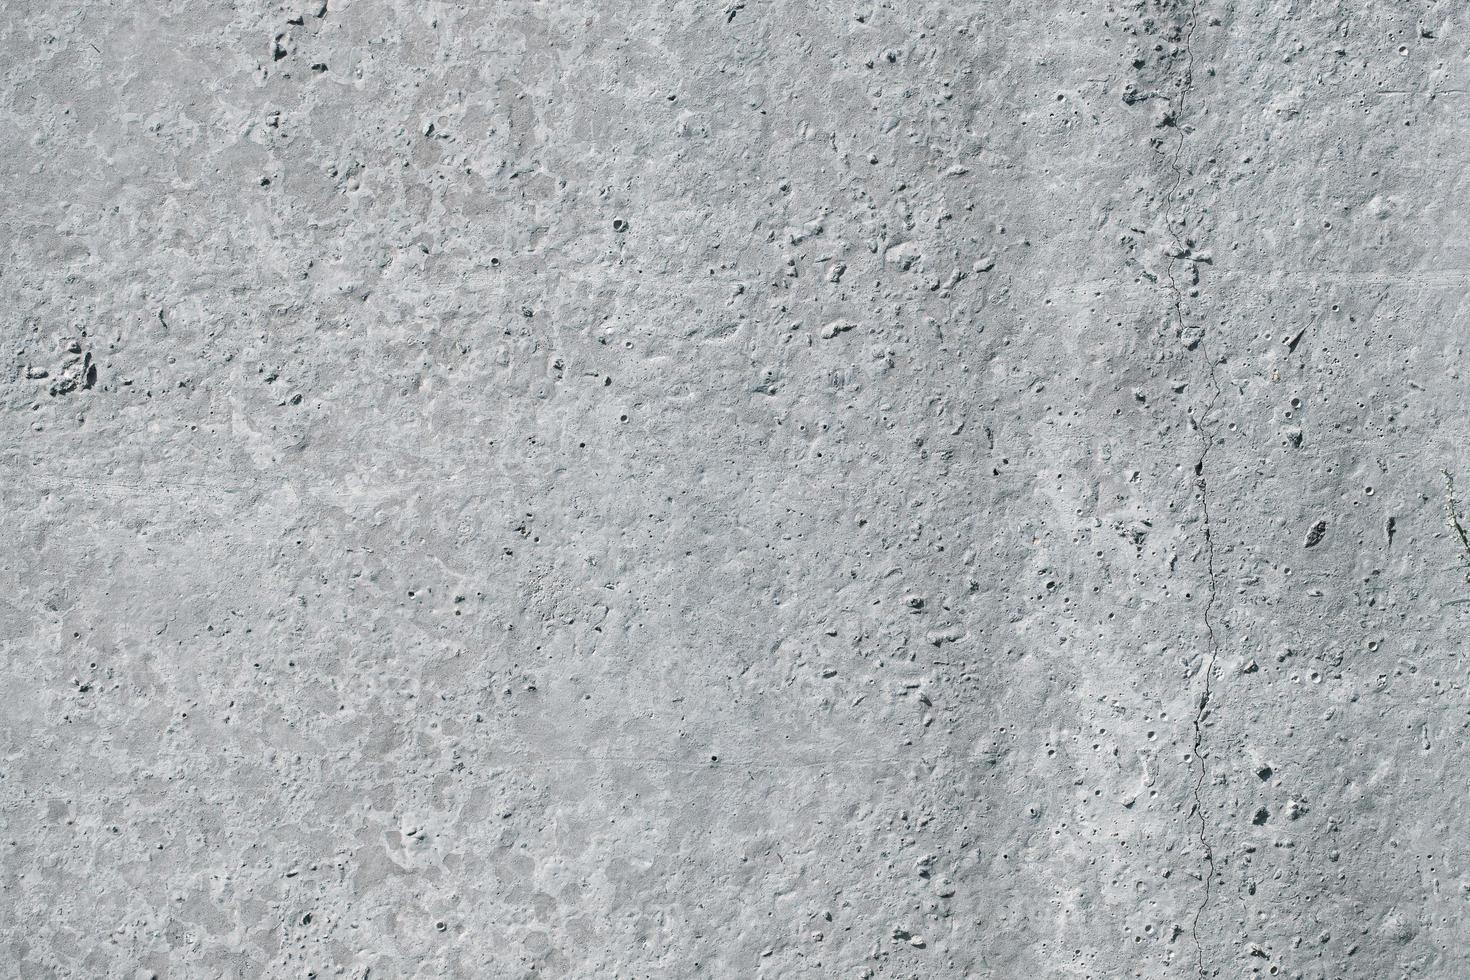 textura material concreto foto